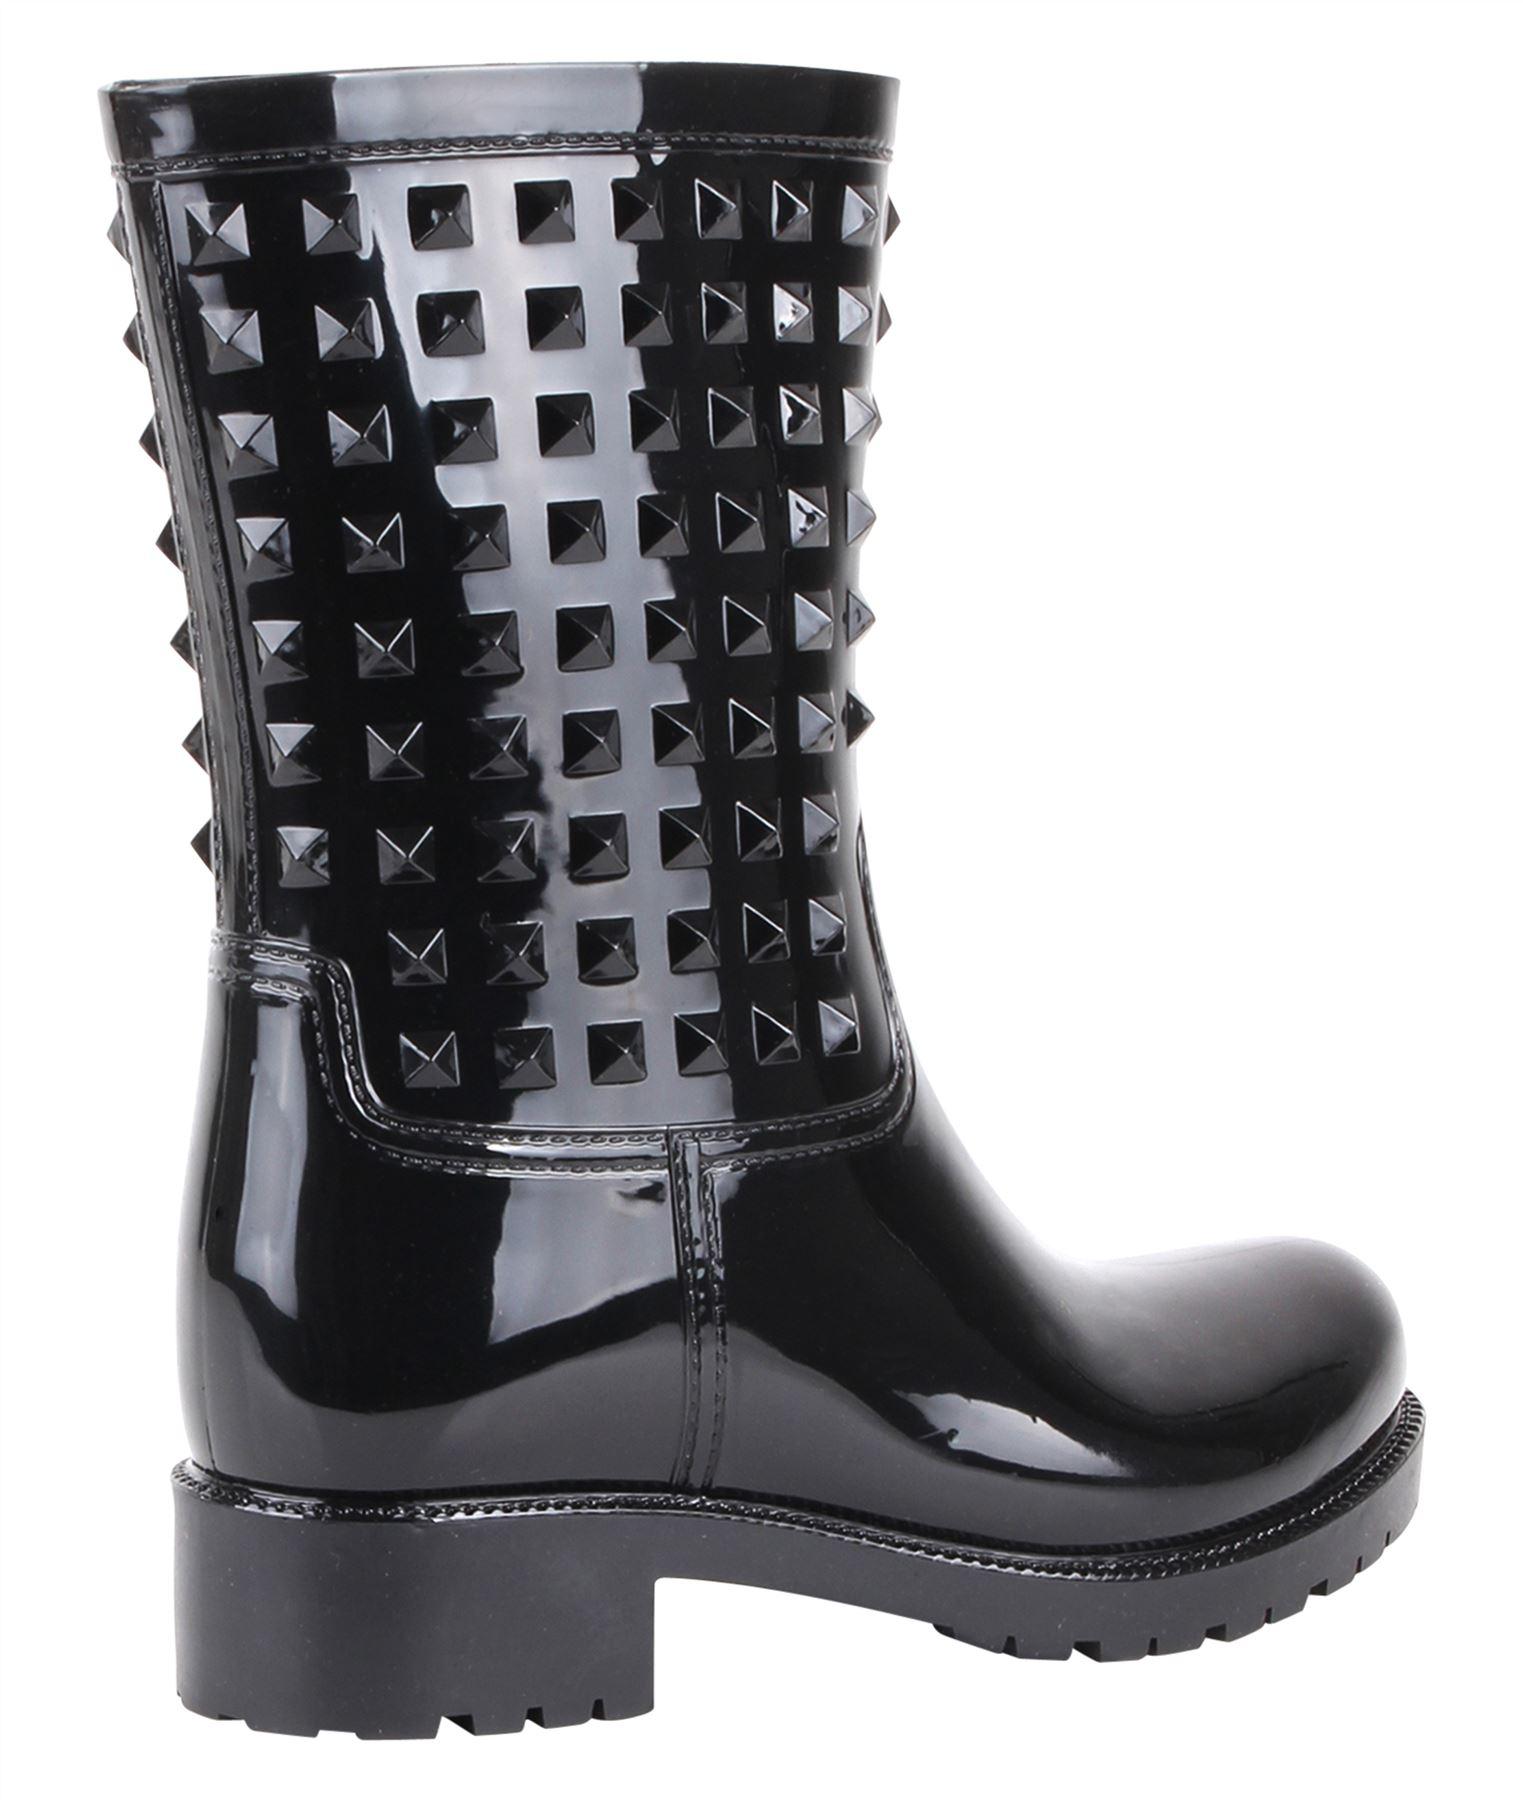 Botas-Agua-Mujer-Barata-Original-Botines-Moda-Comodas-Calzado-Elastico-Juveniles miniatura 26